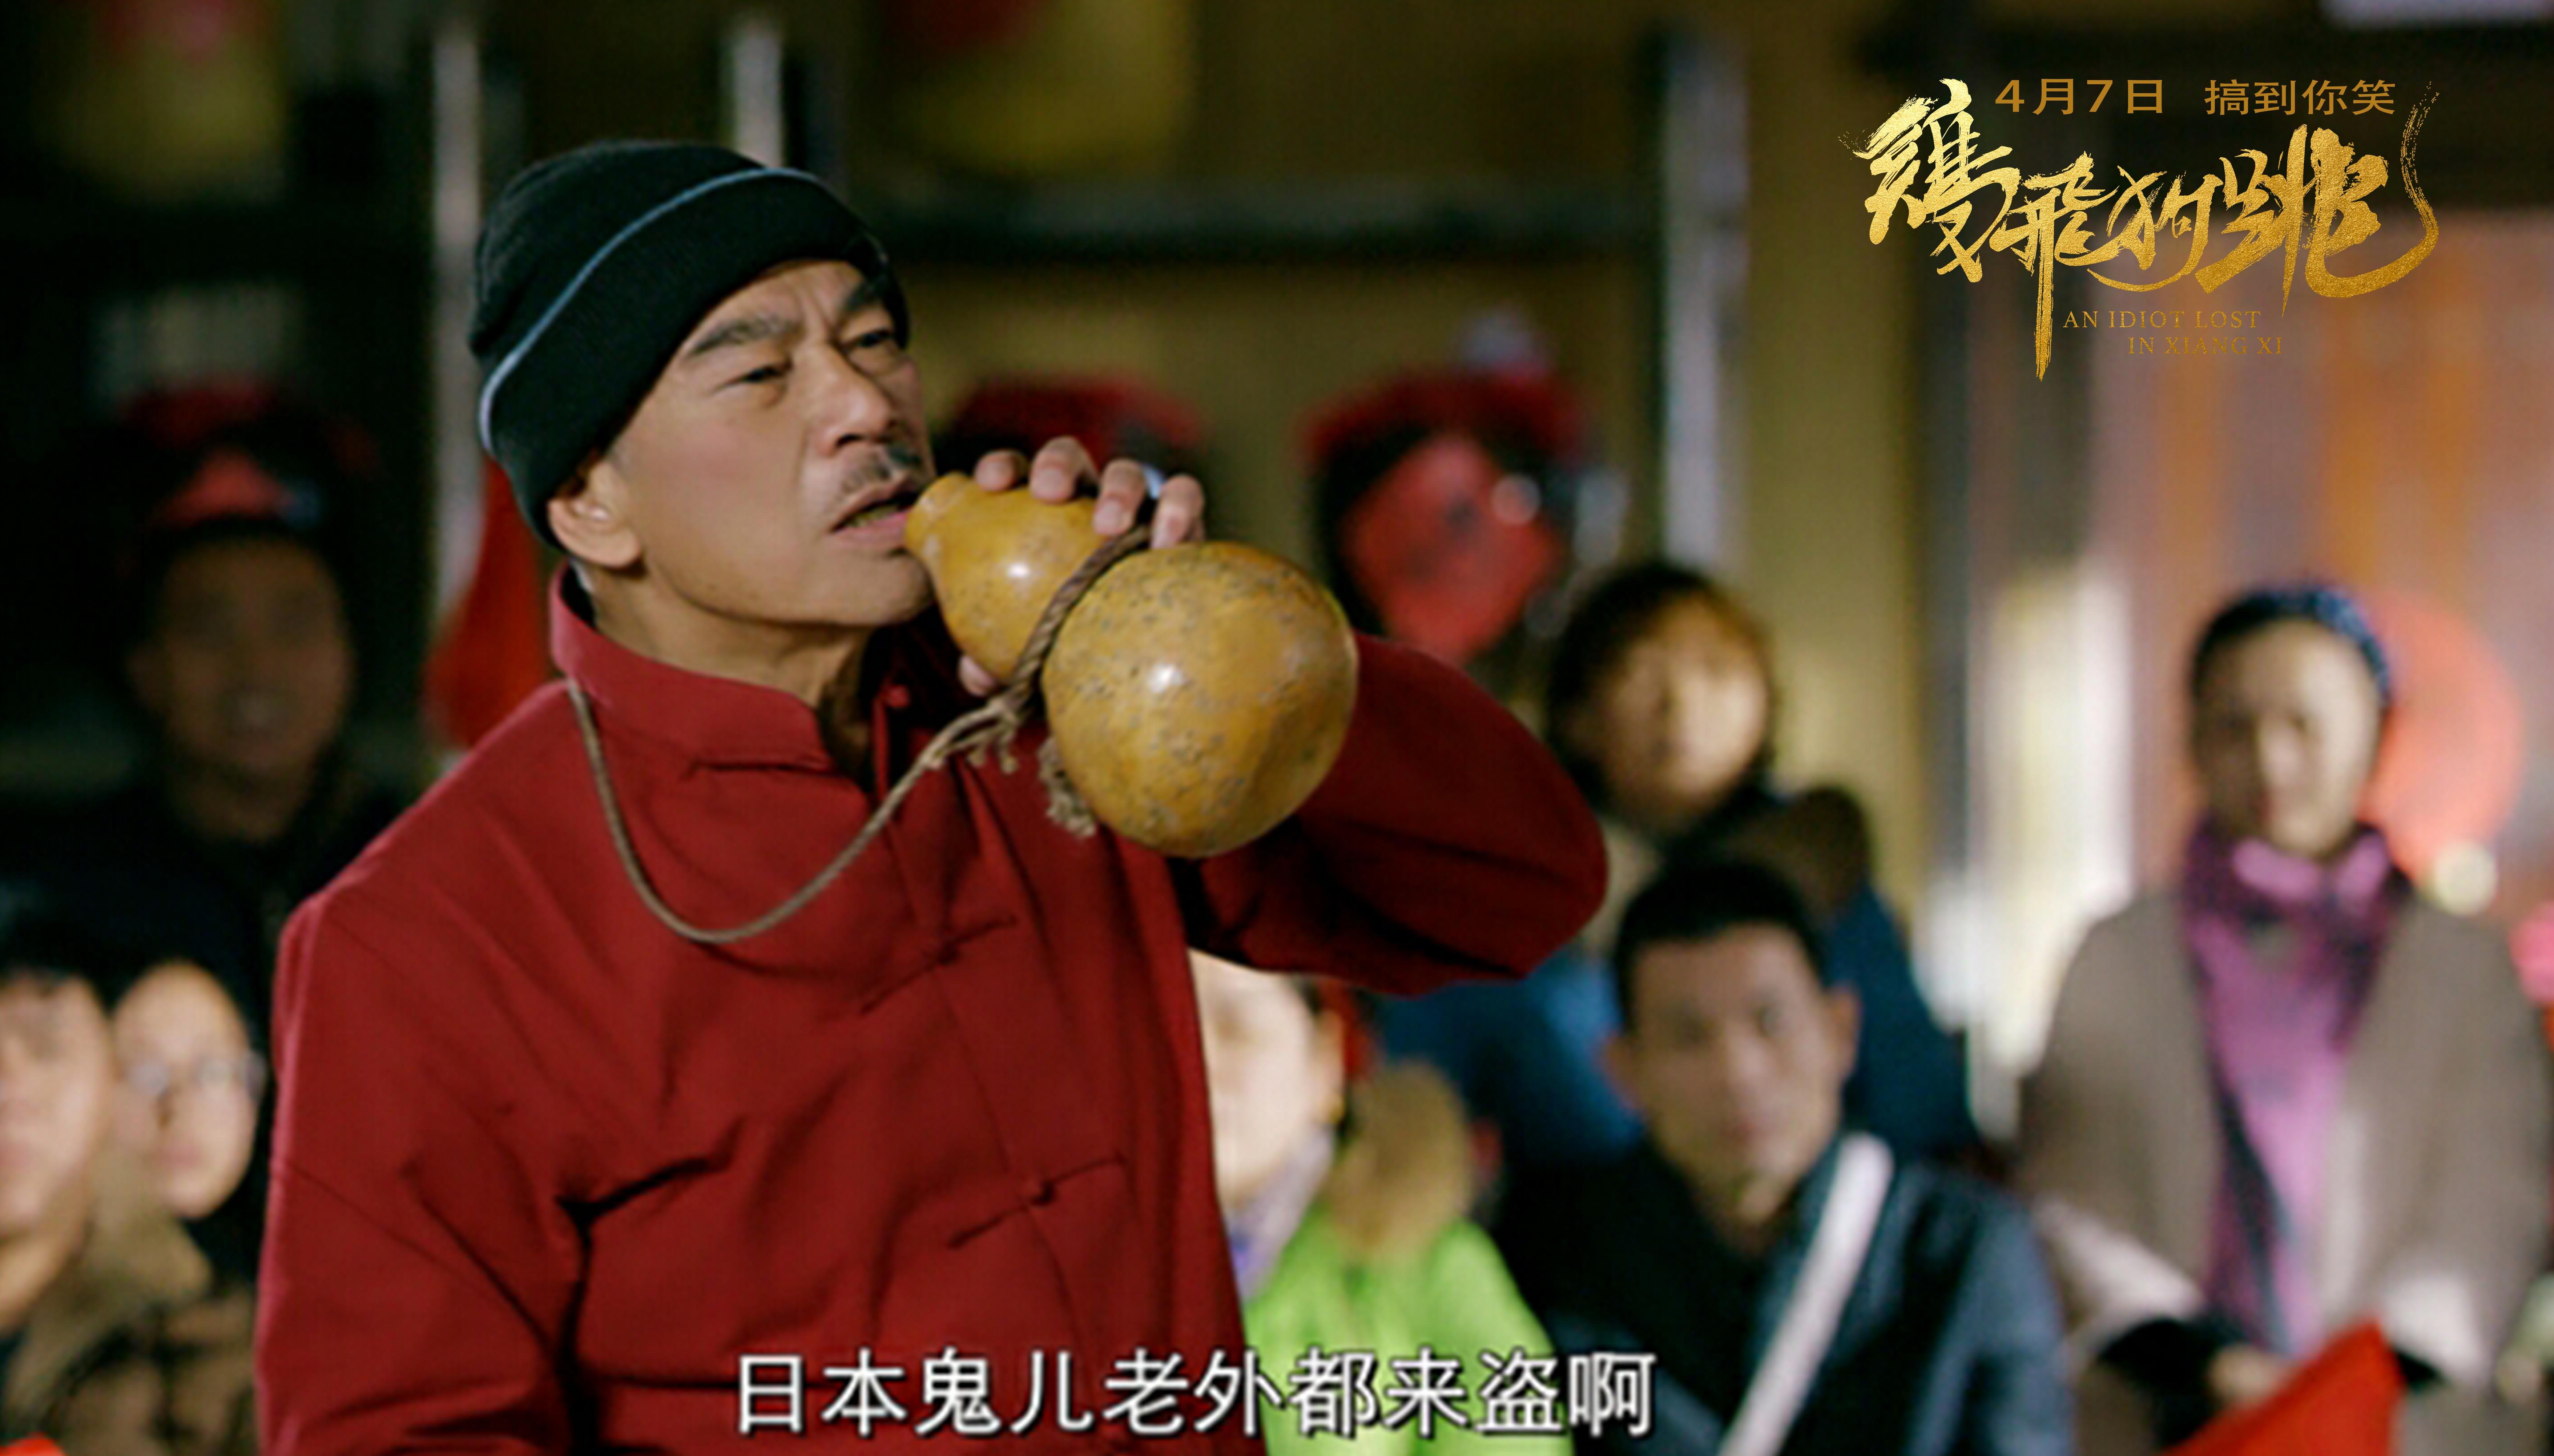 夺宝喜剧《鸡飞狗跳》香港老牌打星再现笑拳怪招